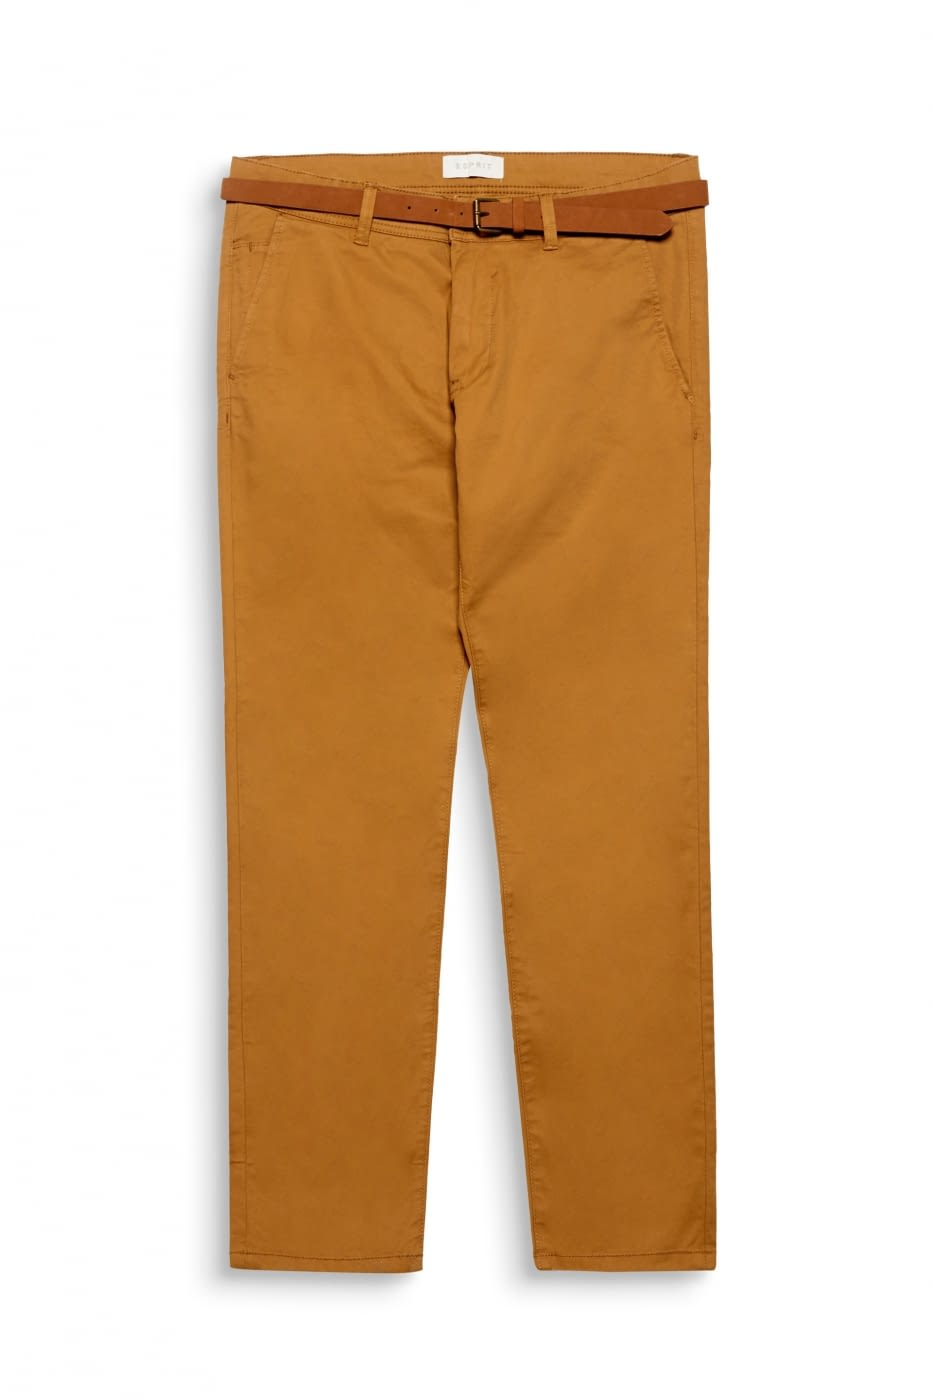 Pantalon chino de algodón elástico